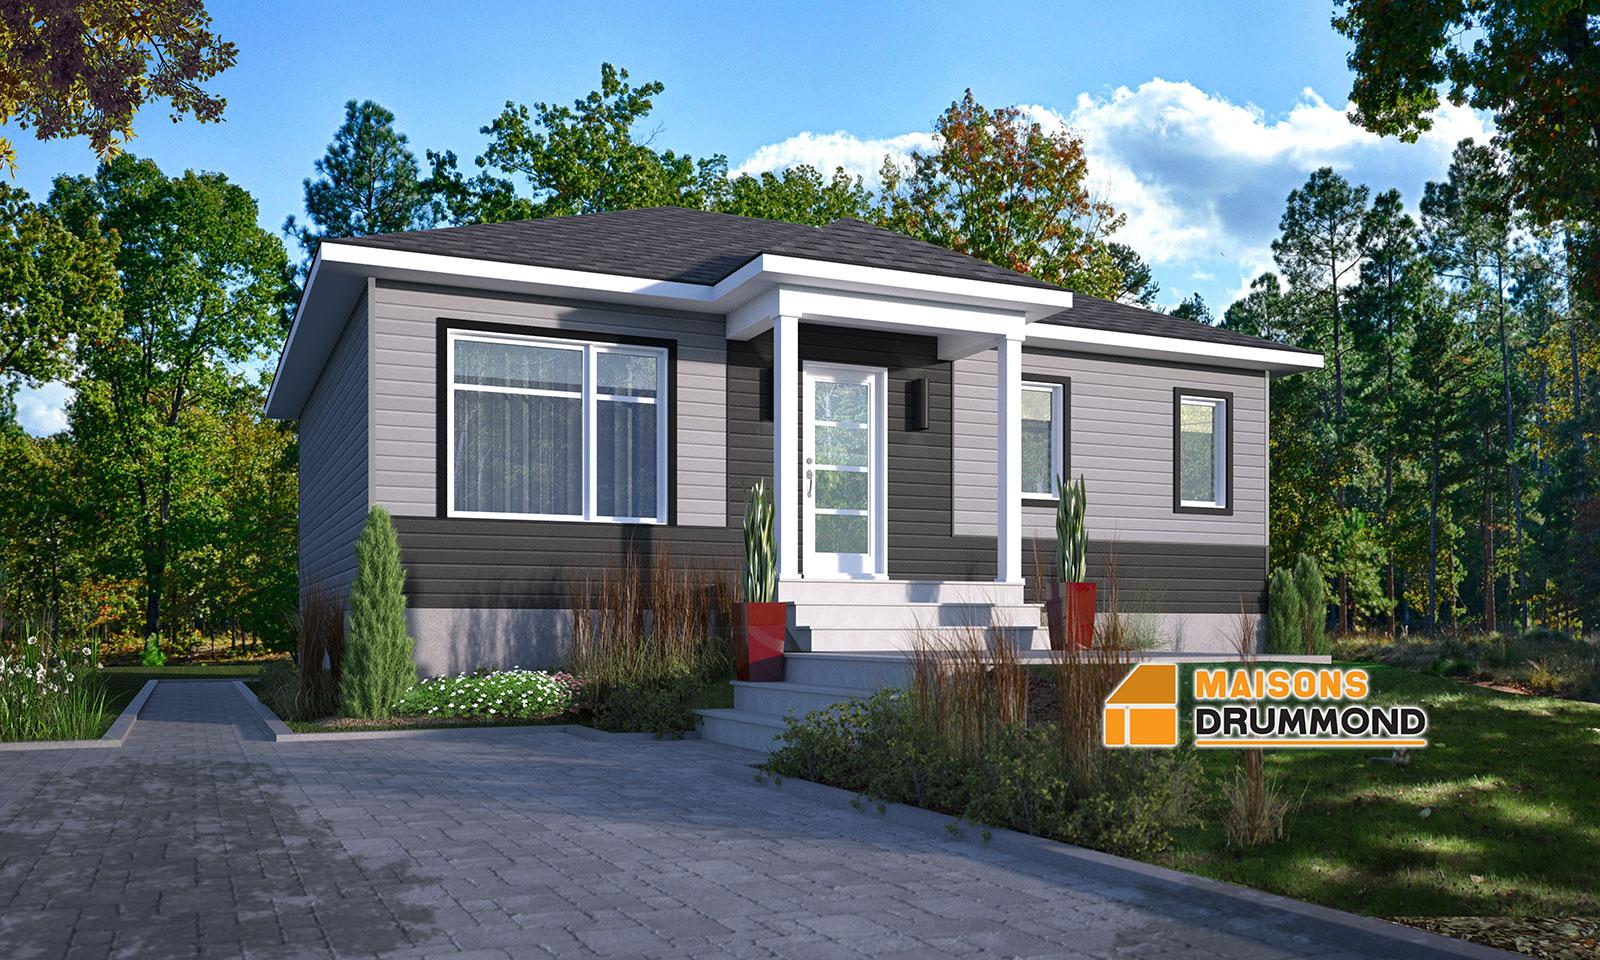 Classement des de maisons awesome solaires trs bon for Classement constructeur maison